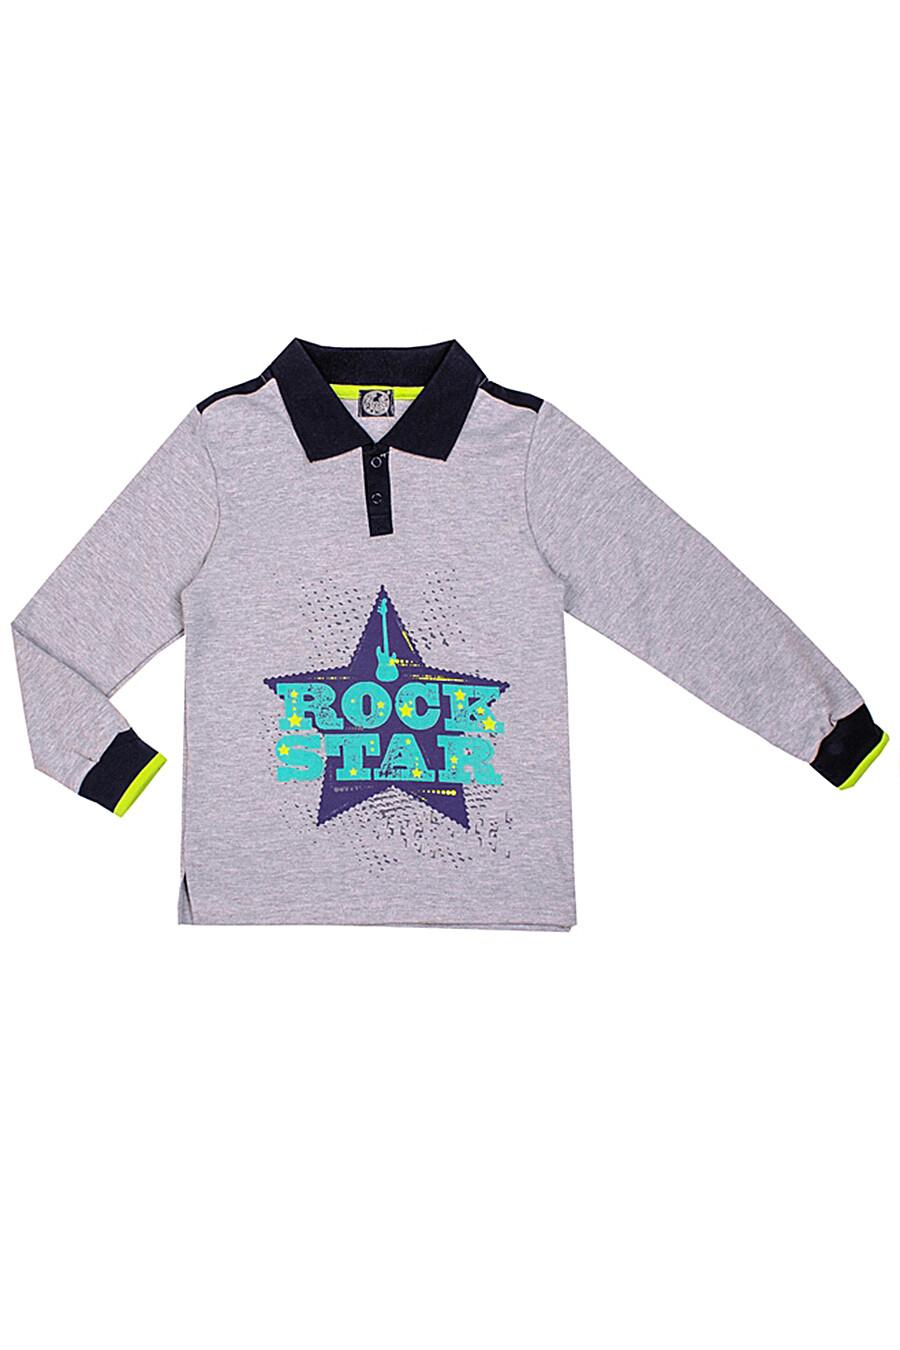 Джемпер для мальчиков АПРЕЛЬ 699909 купить оптом от производителя. Совместная покупка детской одежды в OptMoyo